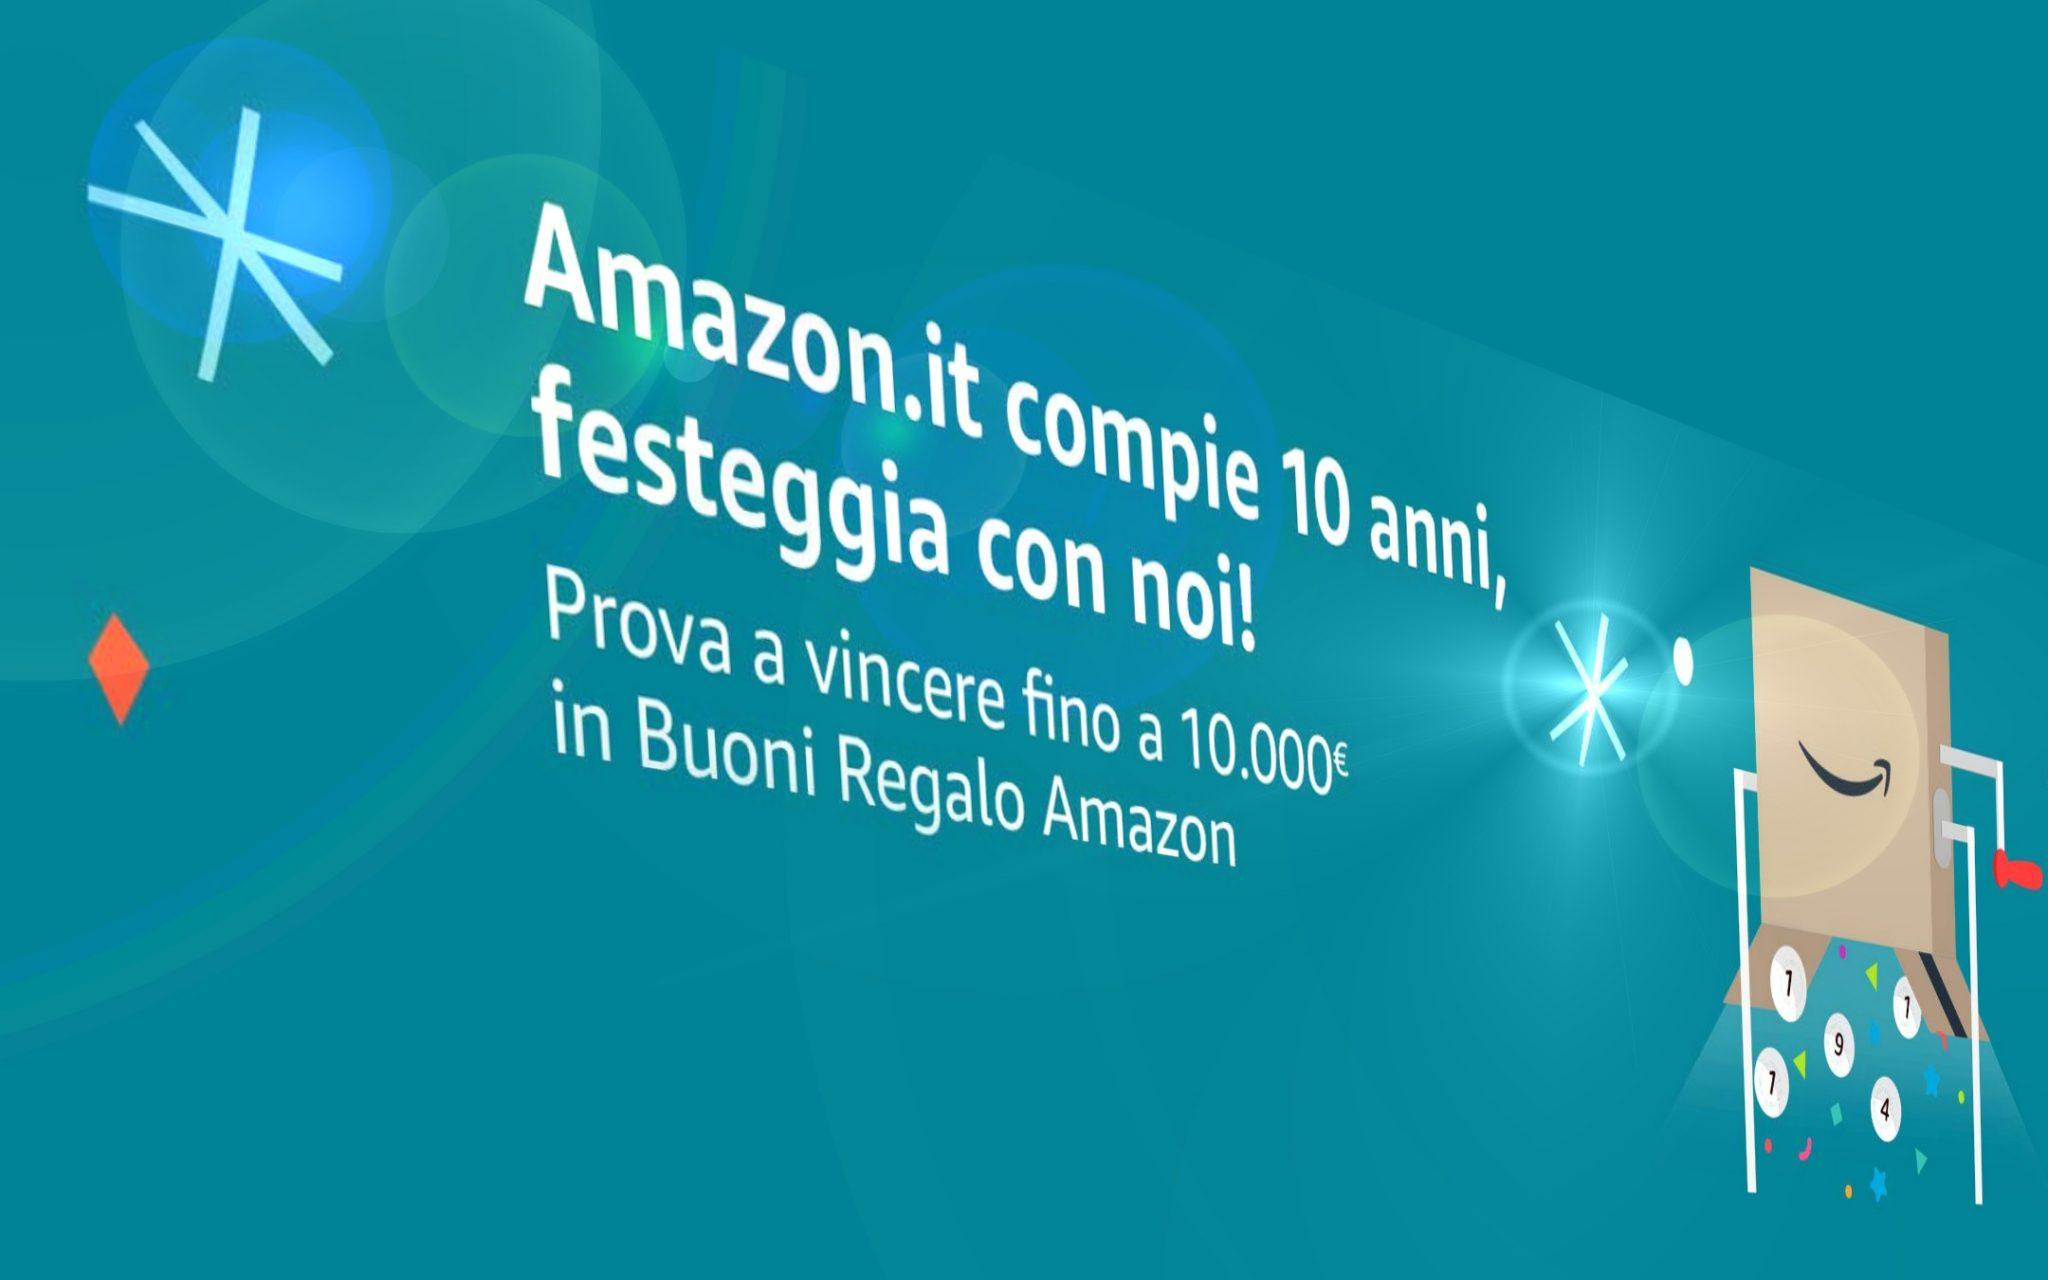 Amazon compie 10 anni e festeggia con un concorso a premi